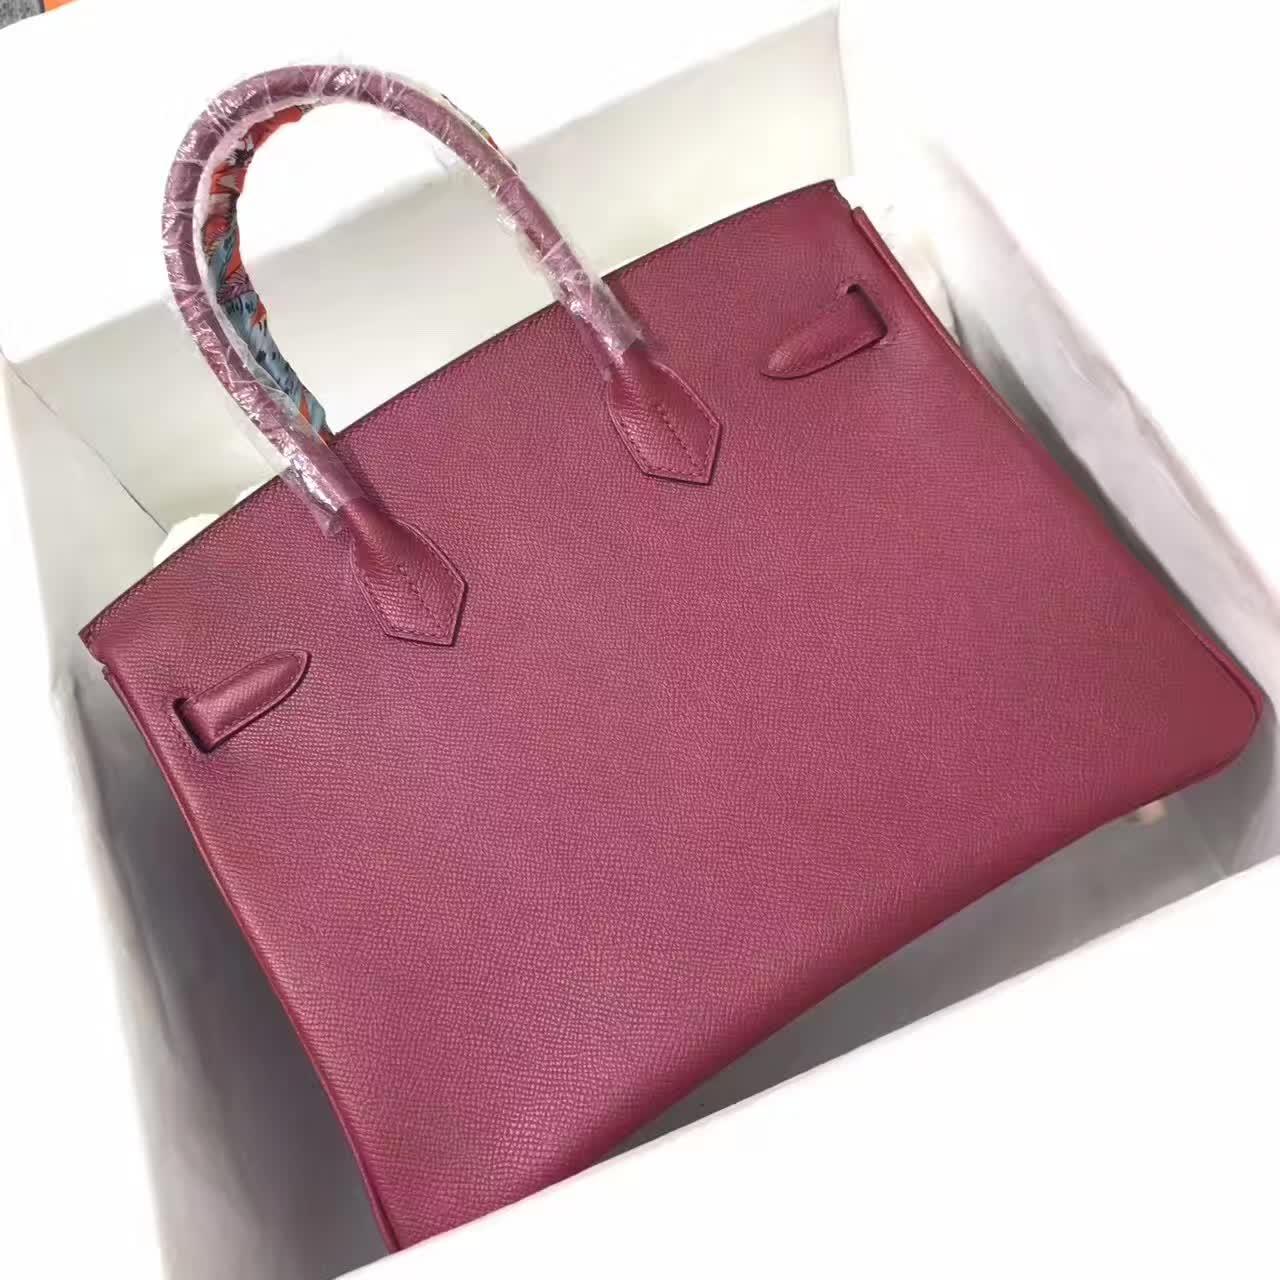 爱马仕铂金包 Birkin 35cm 法国原产epsom皮 蜡线手缝